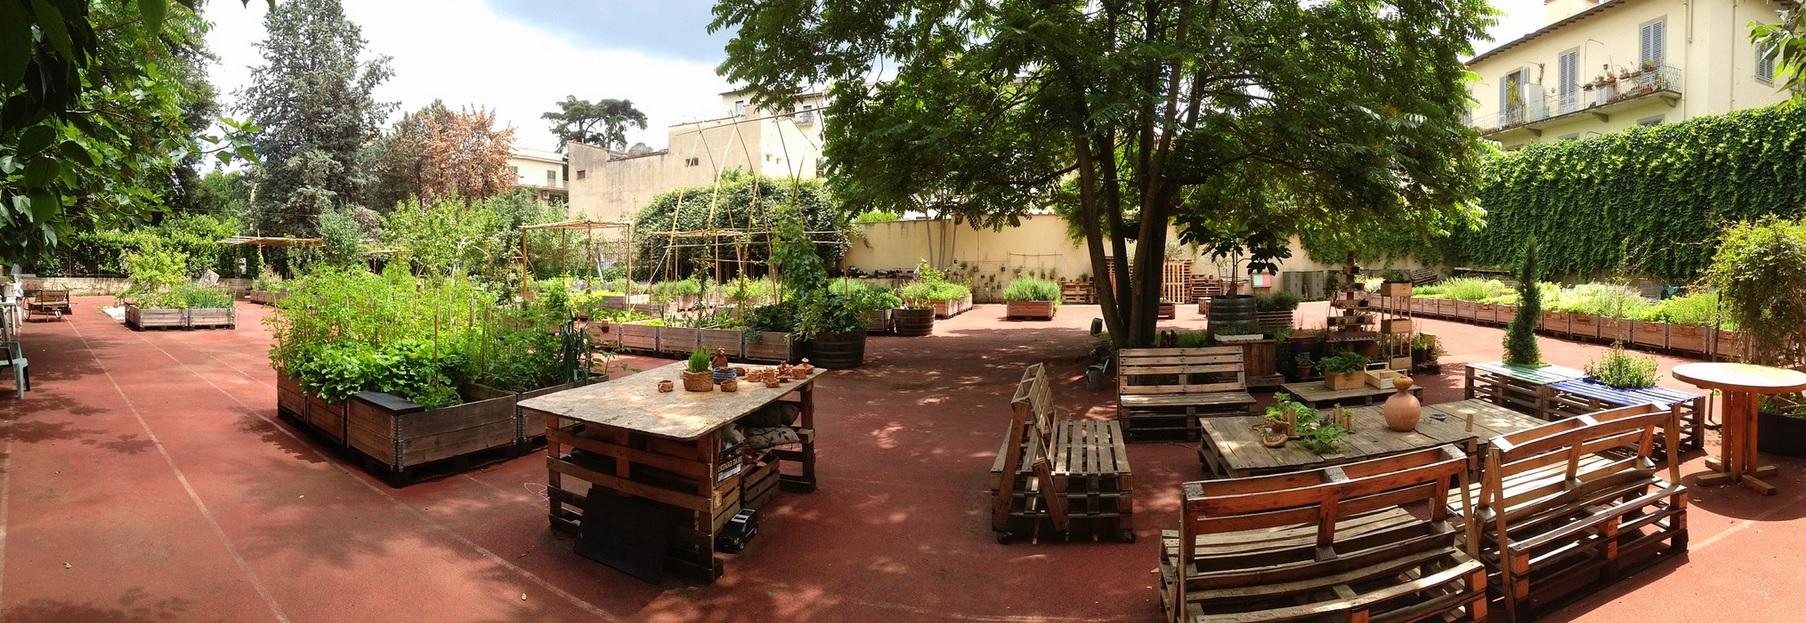 L 39 orto come stile di vita ful torna a visitare orti dipinti - Aggiungi un posto a tavola base musicale mp3 ...